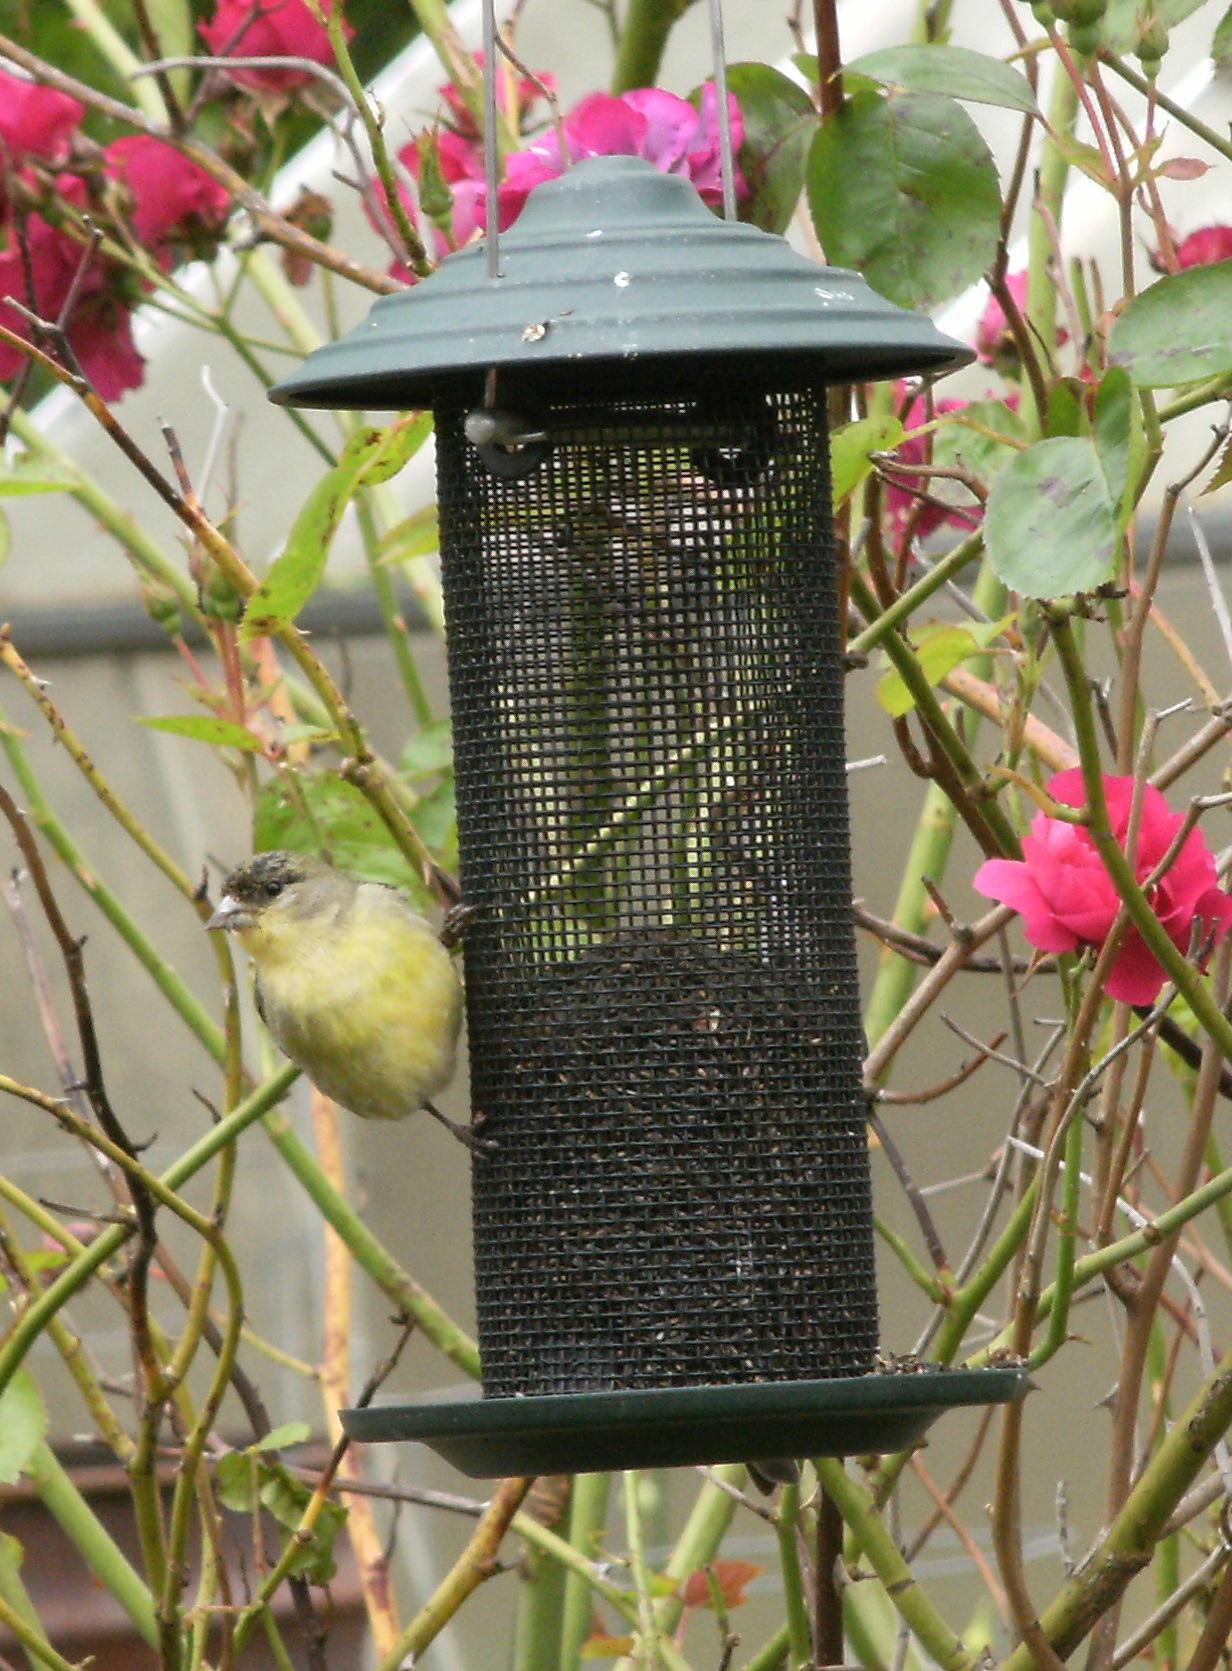 hood finchfeederhangingwhood with thistle hanger hanging feeders shop feeder harmony finch bird